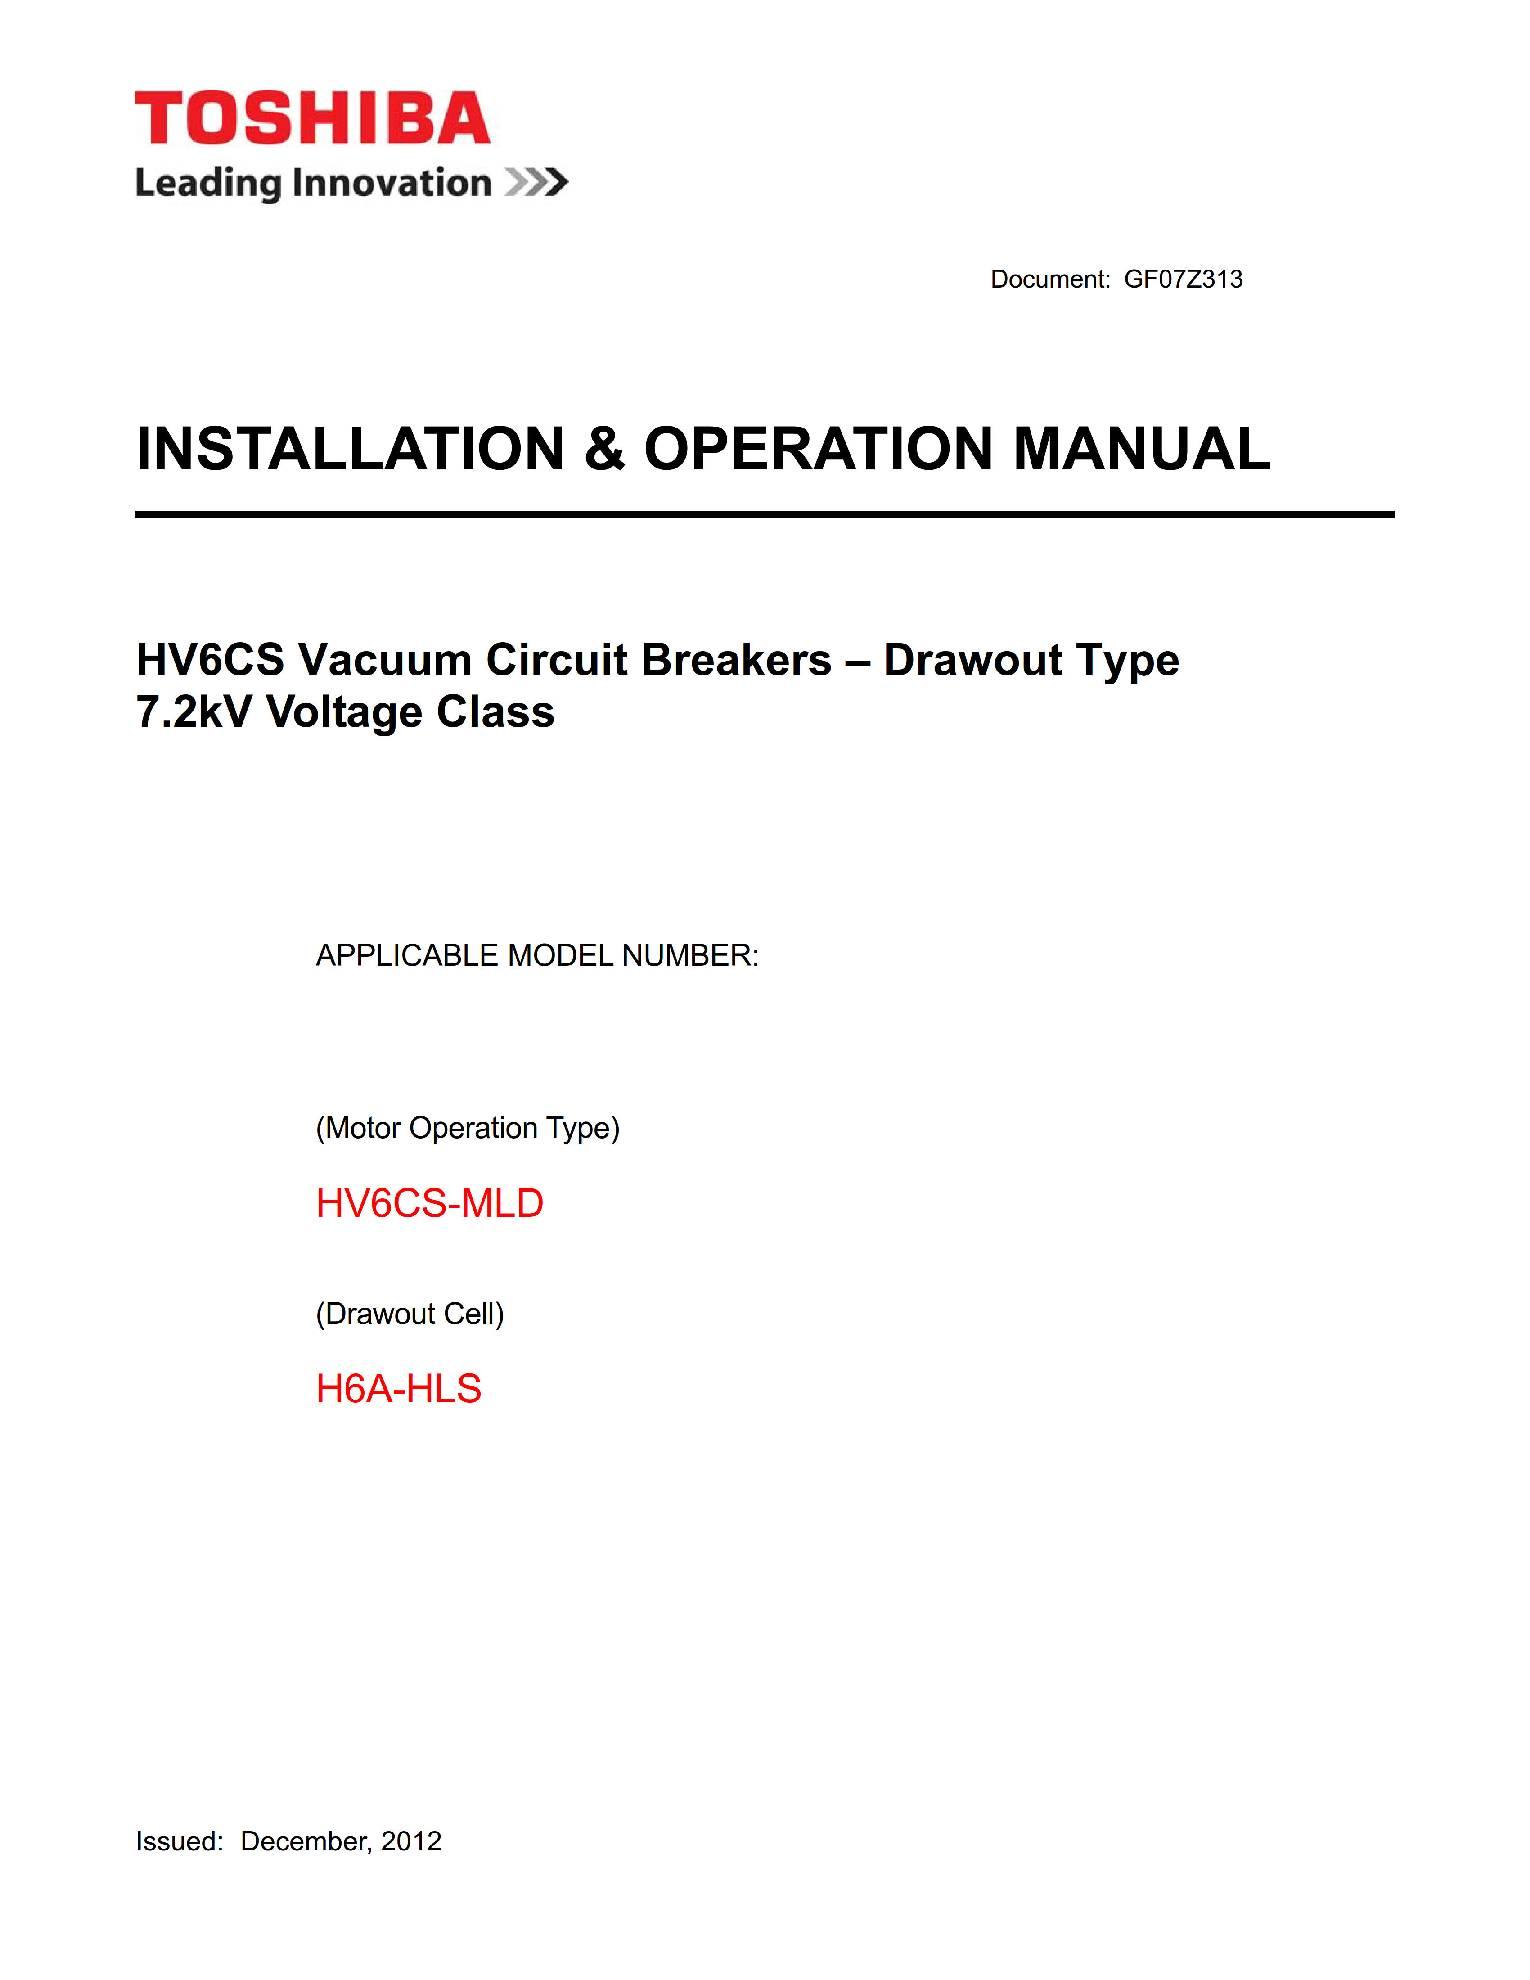 Руководство пользователя на высоковольтные вакуумные выключатели HV6CS-MLD (vacuum circuit breaker) Toshiba на английском языке GF07Z313